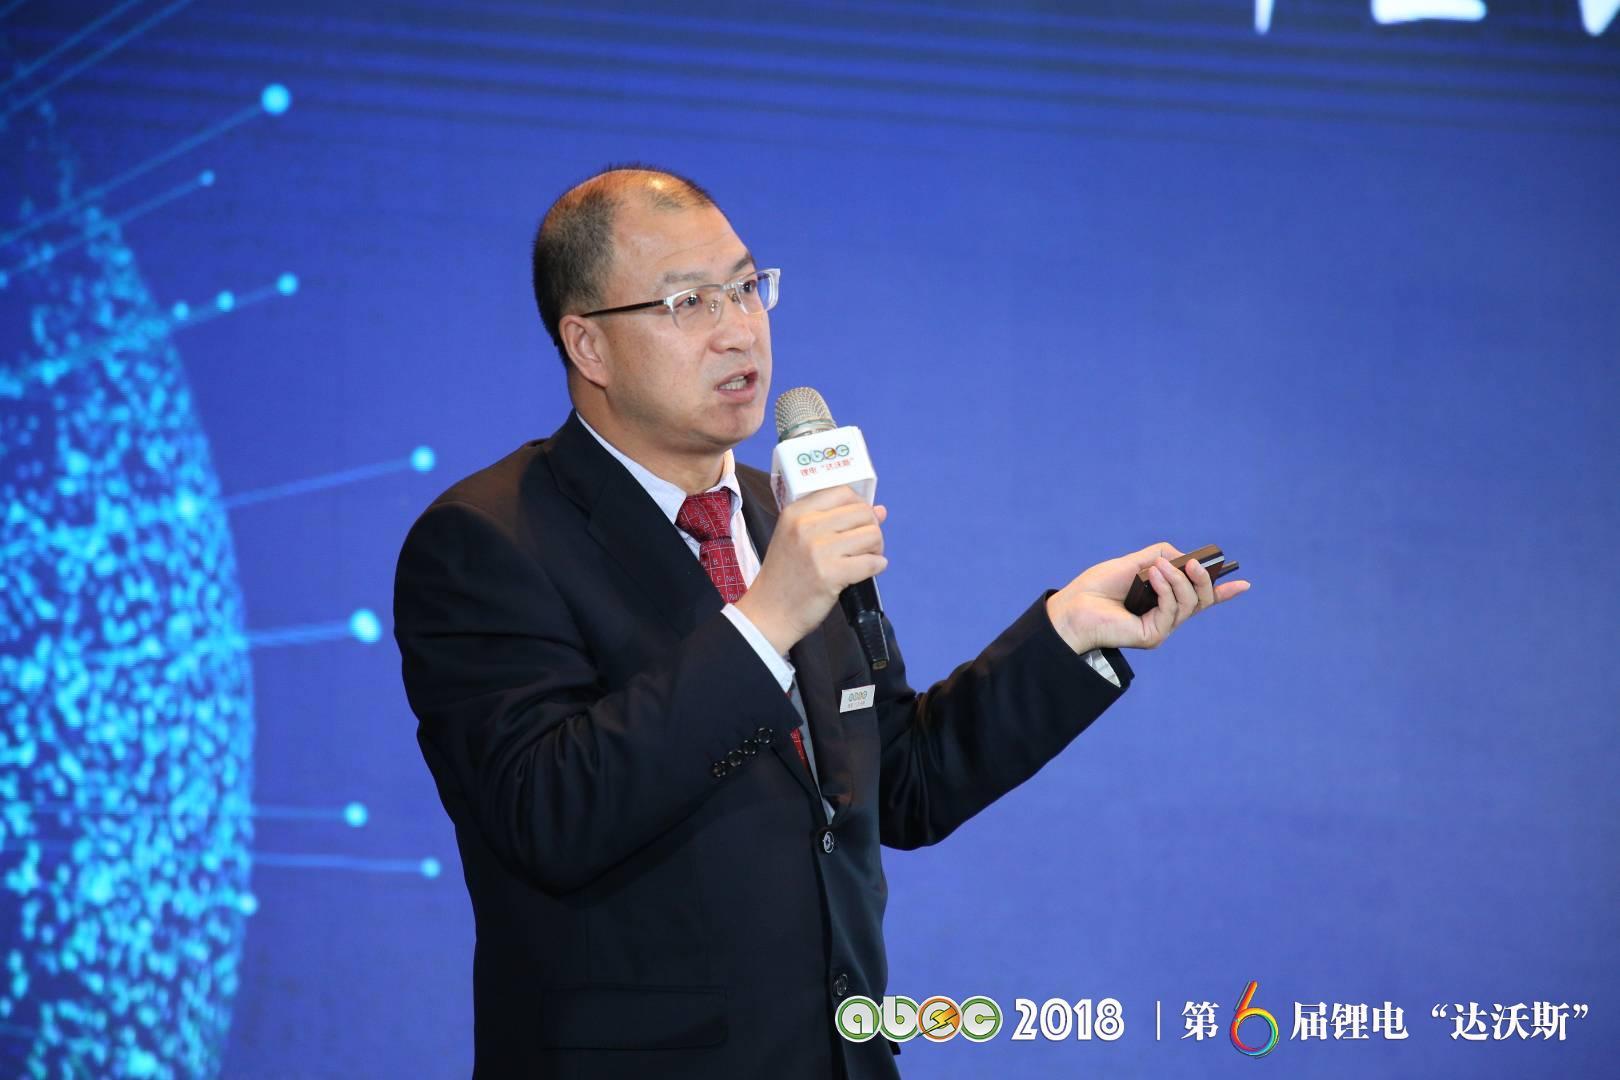 张江峰:电池级新濠天地价格腰斩 锂盐加工行业利润逐渐回归正常